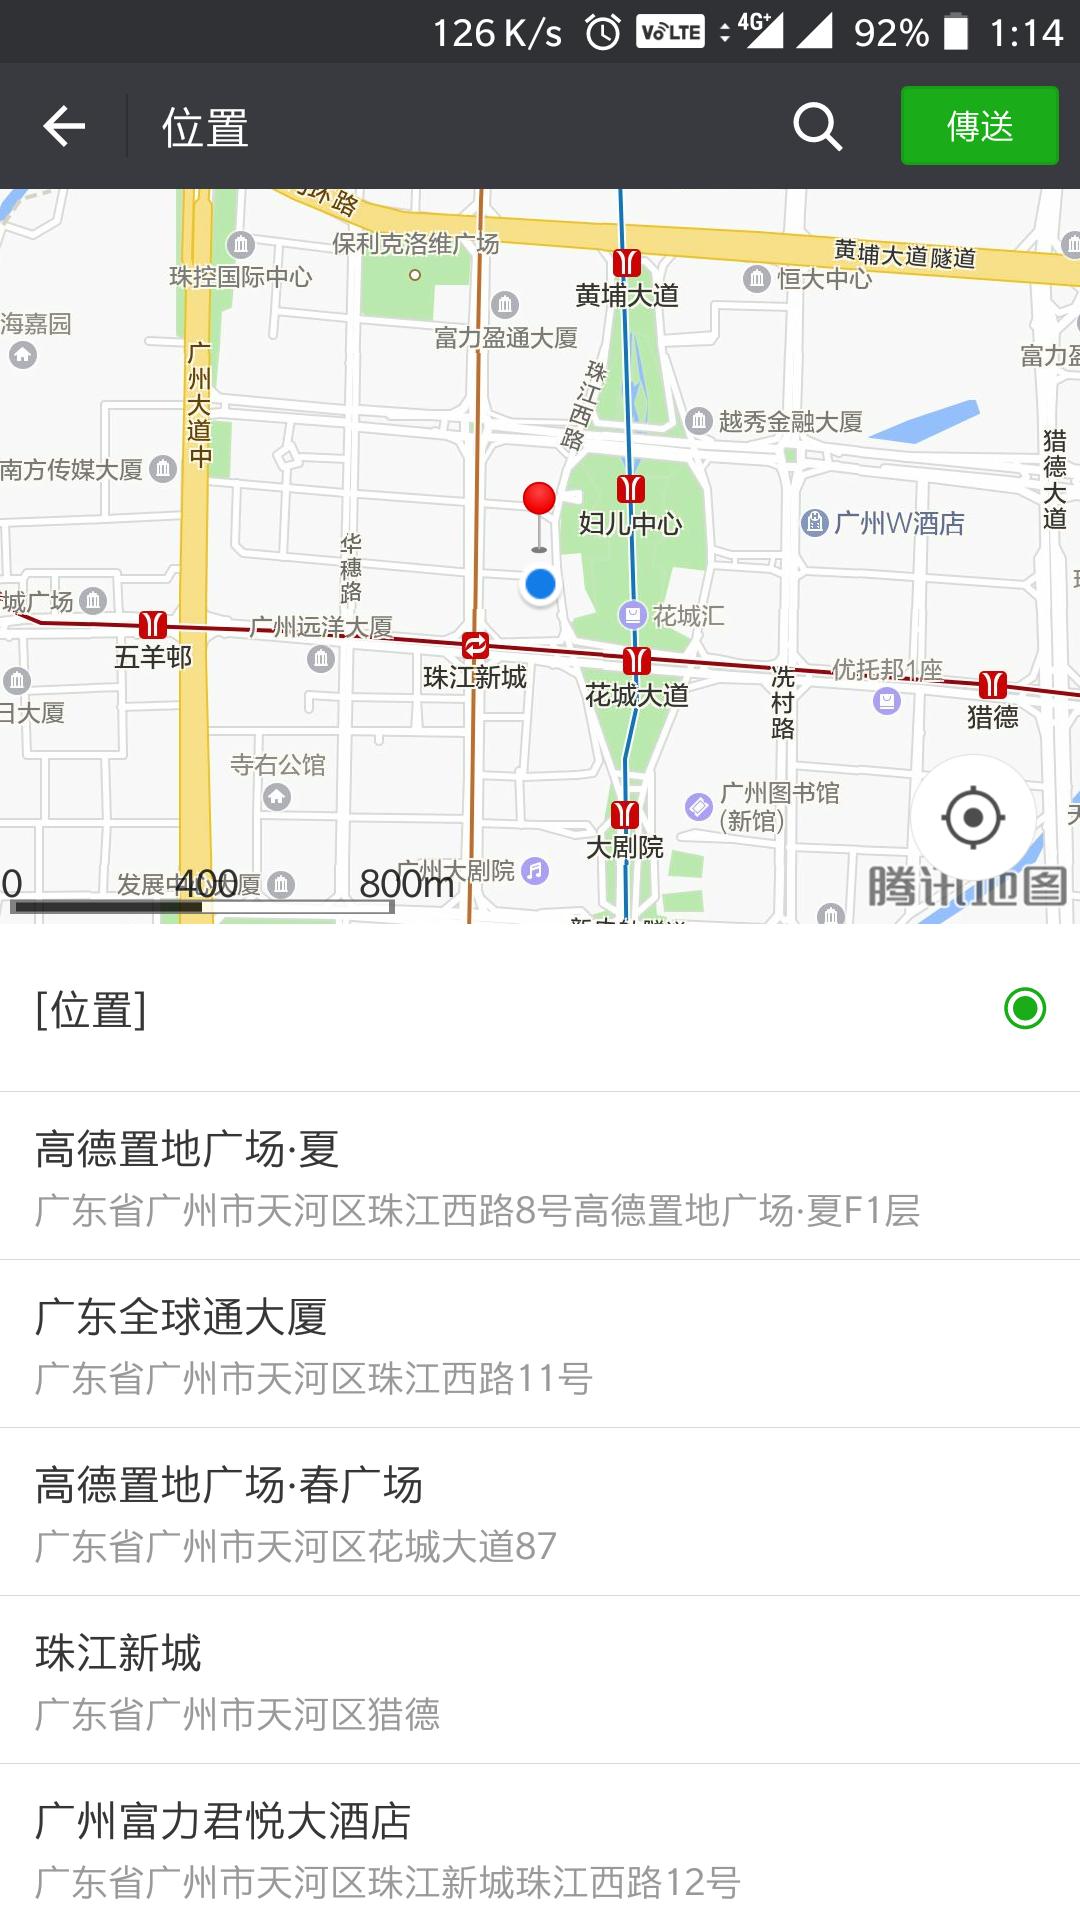 广州2.png